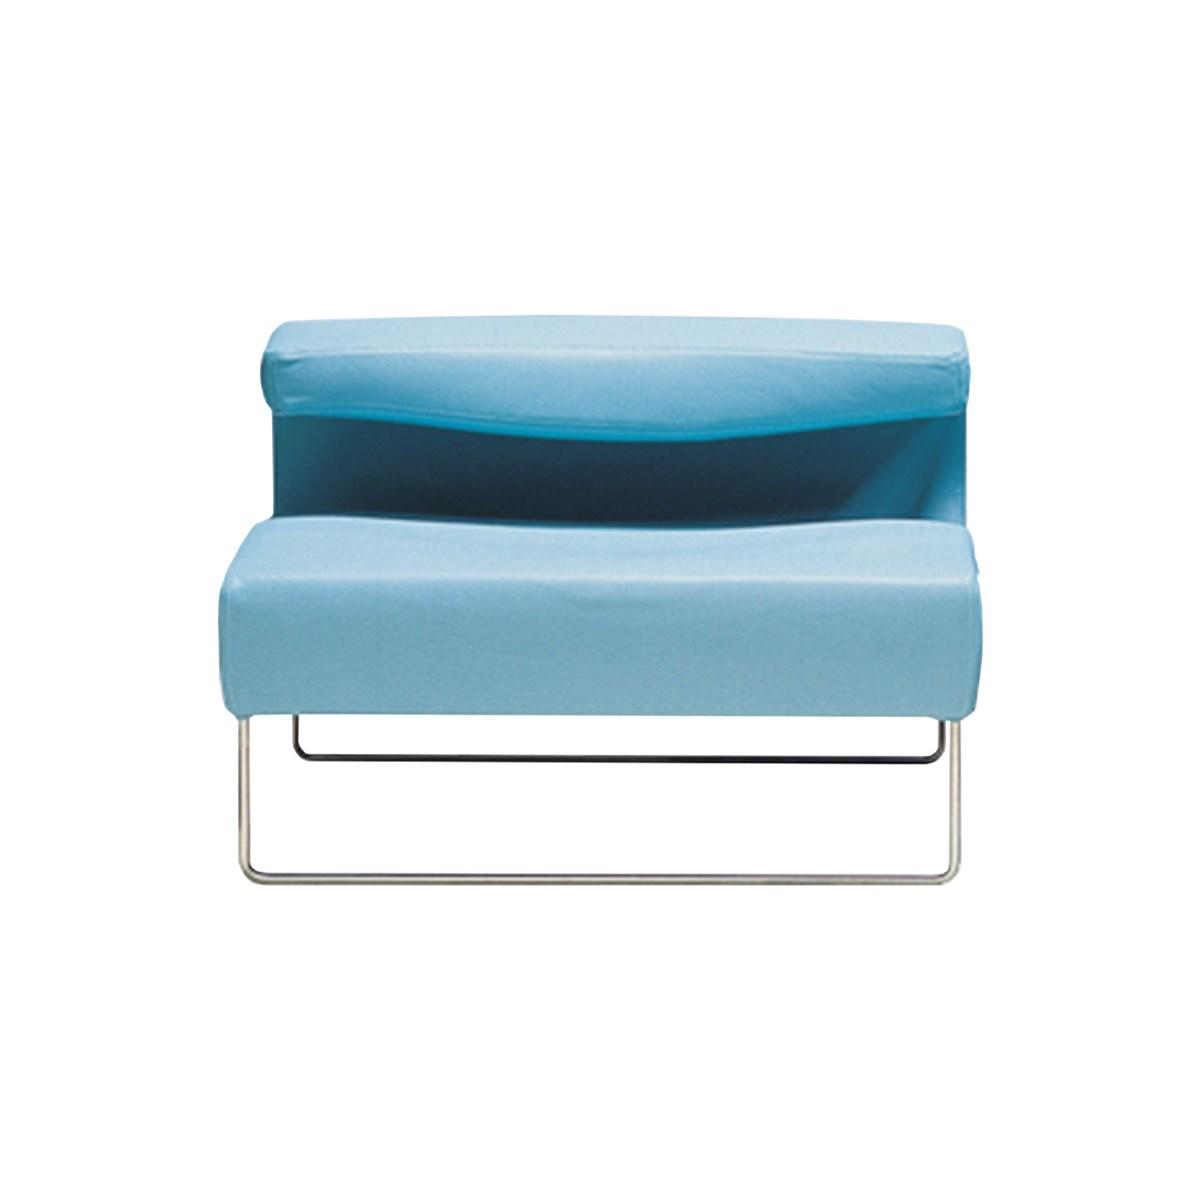 Moroso-Patricia-Urquiola-Lowseat-Sofa-Matisse-1